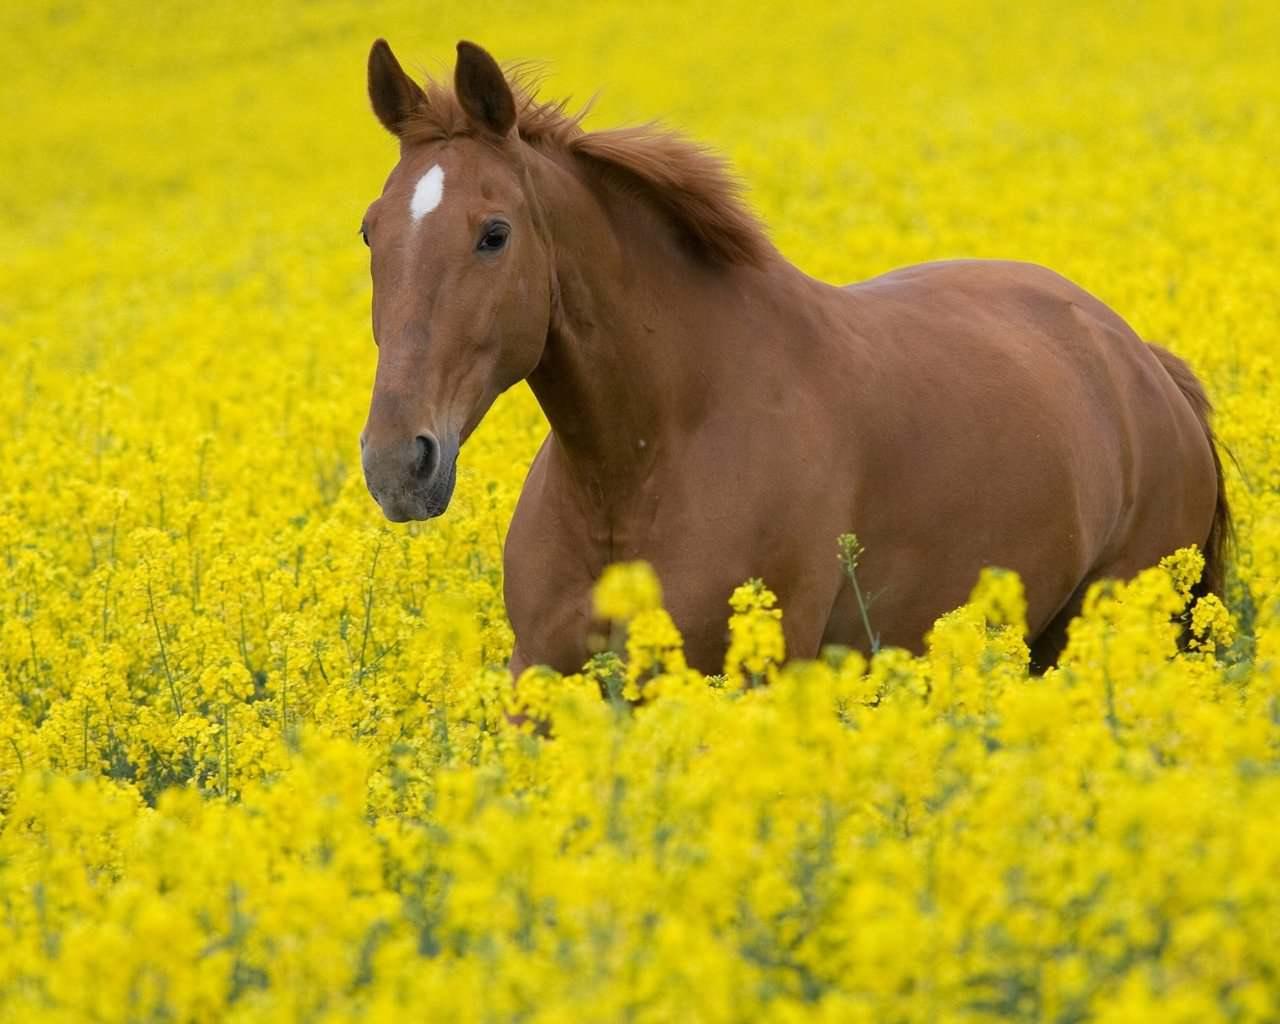 Hd Horse Wallpaper